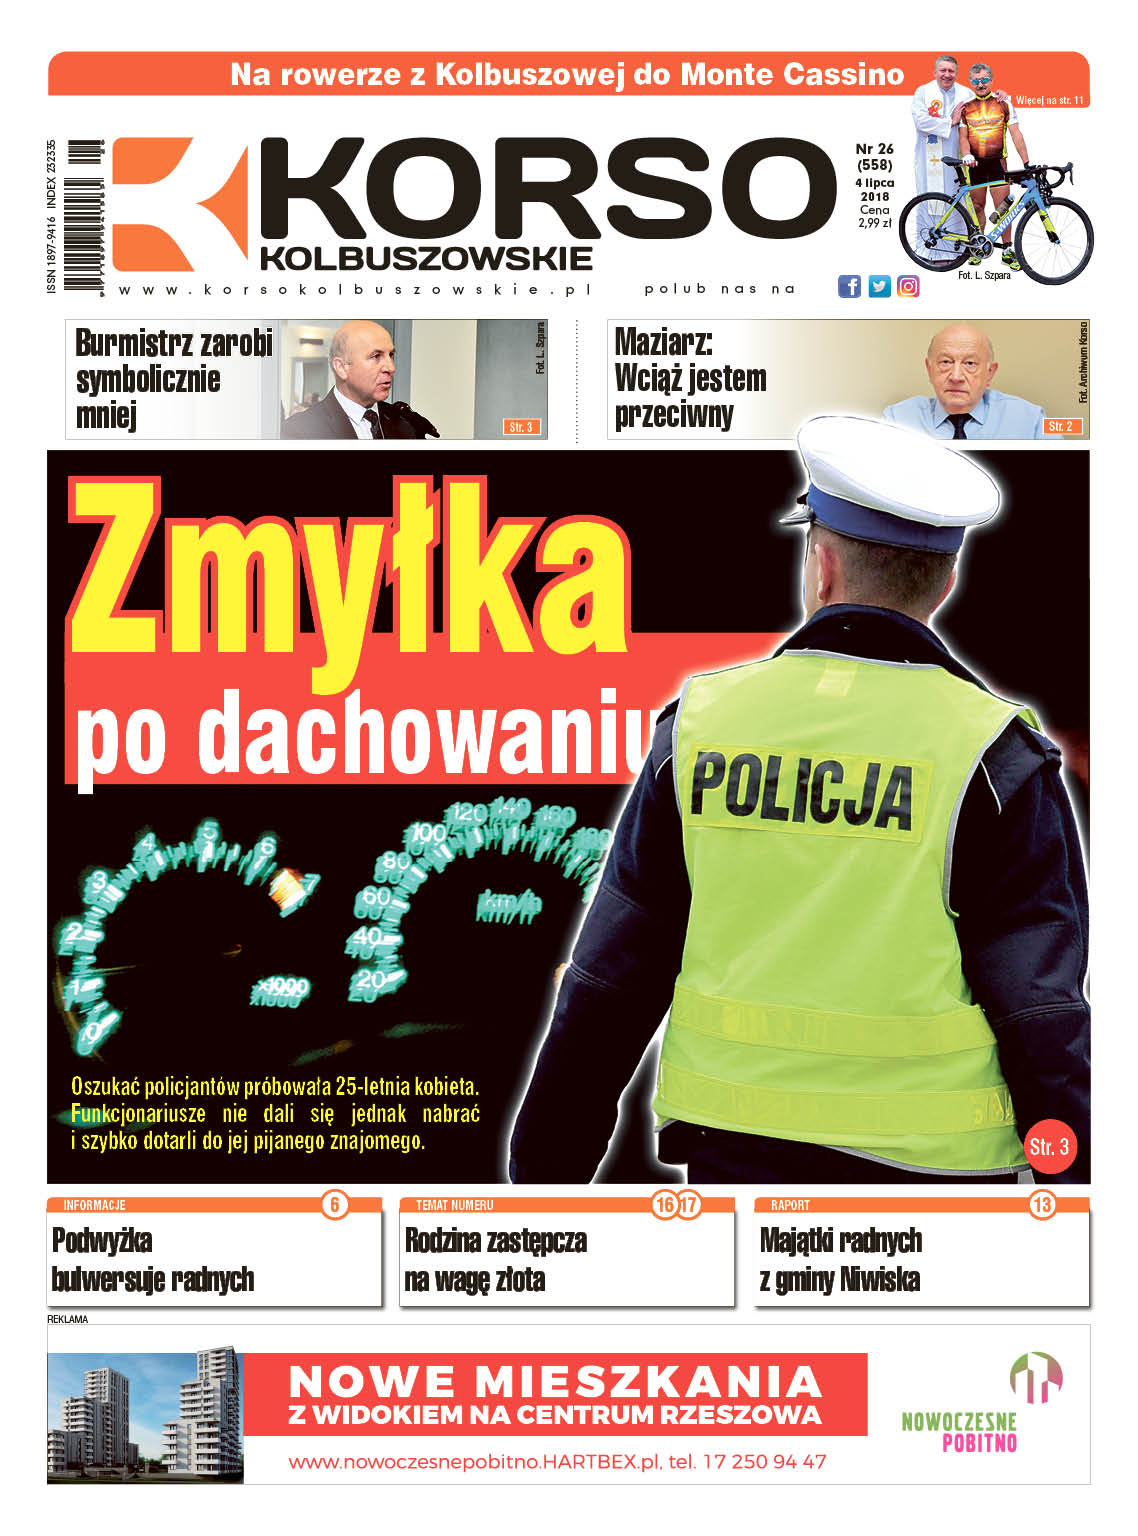 Korso Kolbuszowskie - nr 26/2018  - Zdjęcie główne